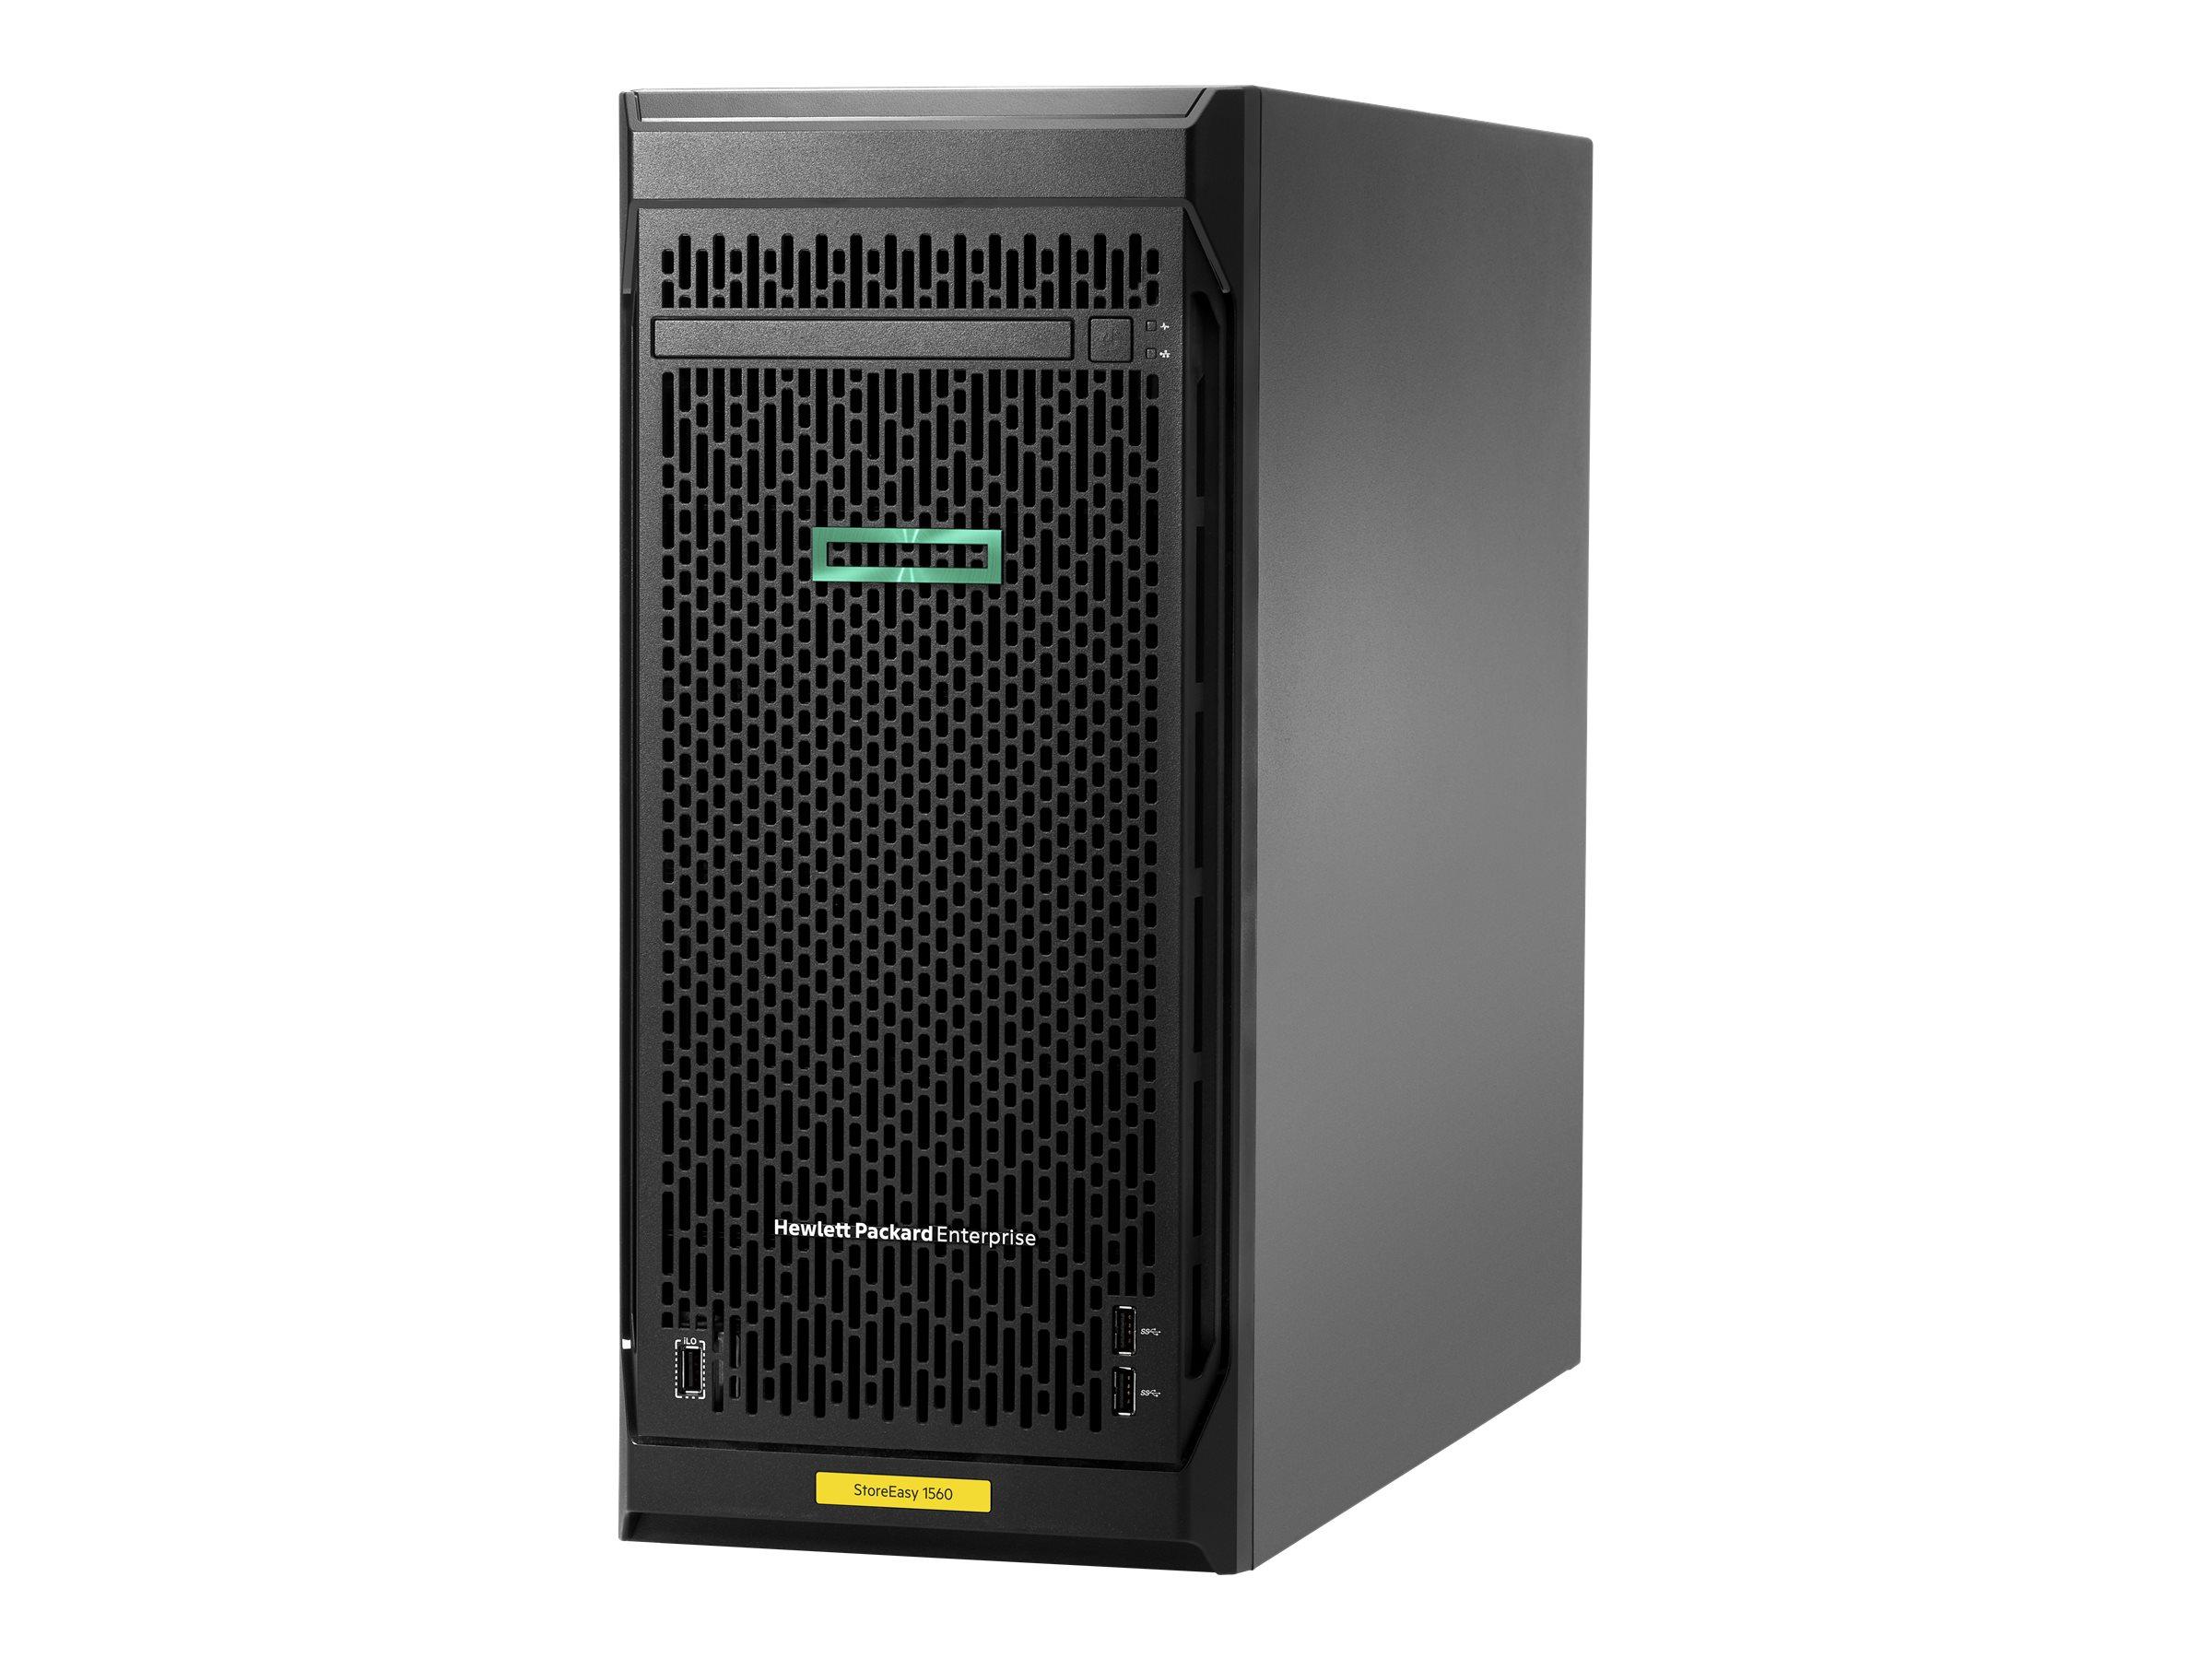 HPE StoreEasy 1560 - NAS-Server - 4 Schächte - 16 TB - Rack - einbaufähig